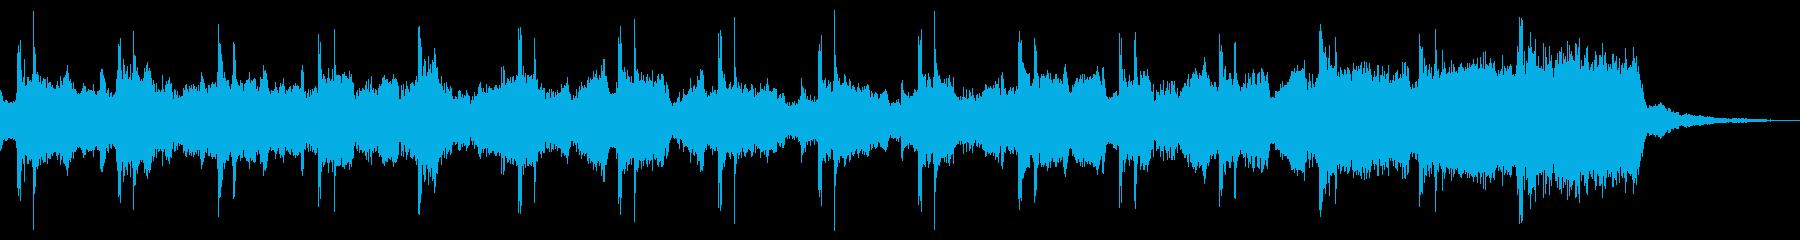 グリーンスリーブス サビ ストリングスの再生済みの波形